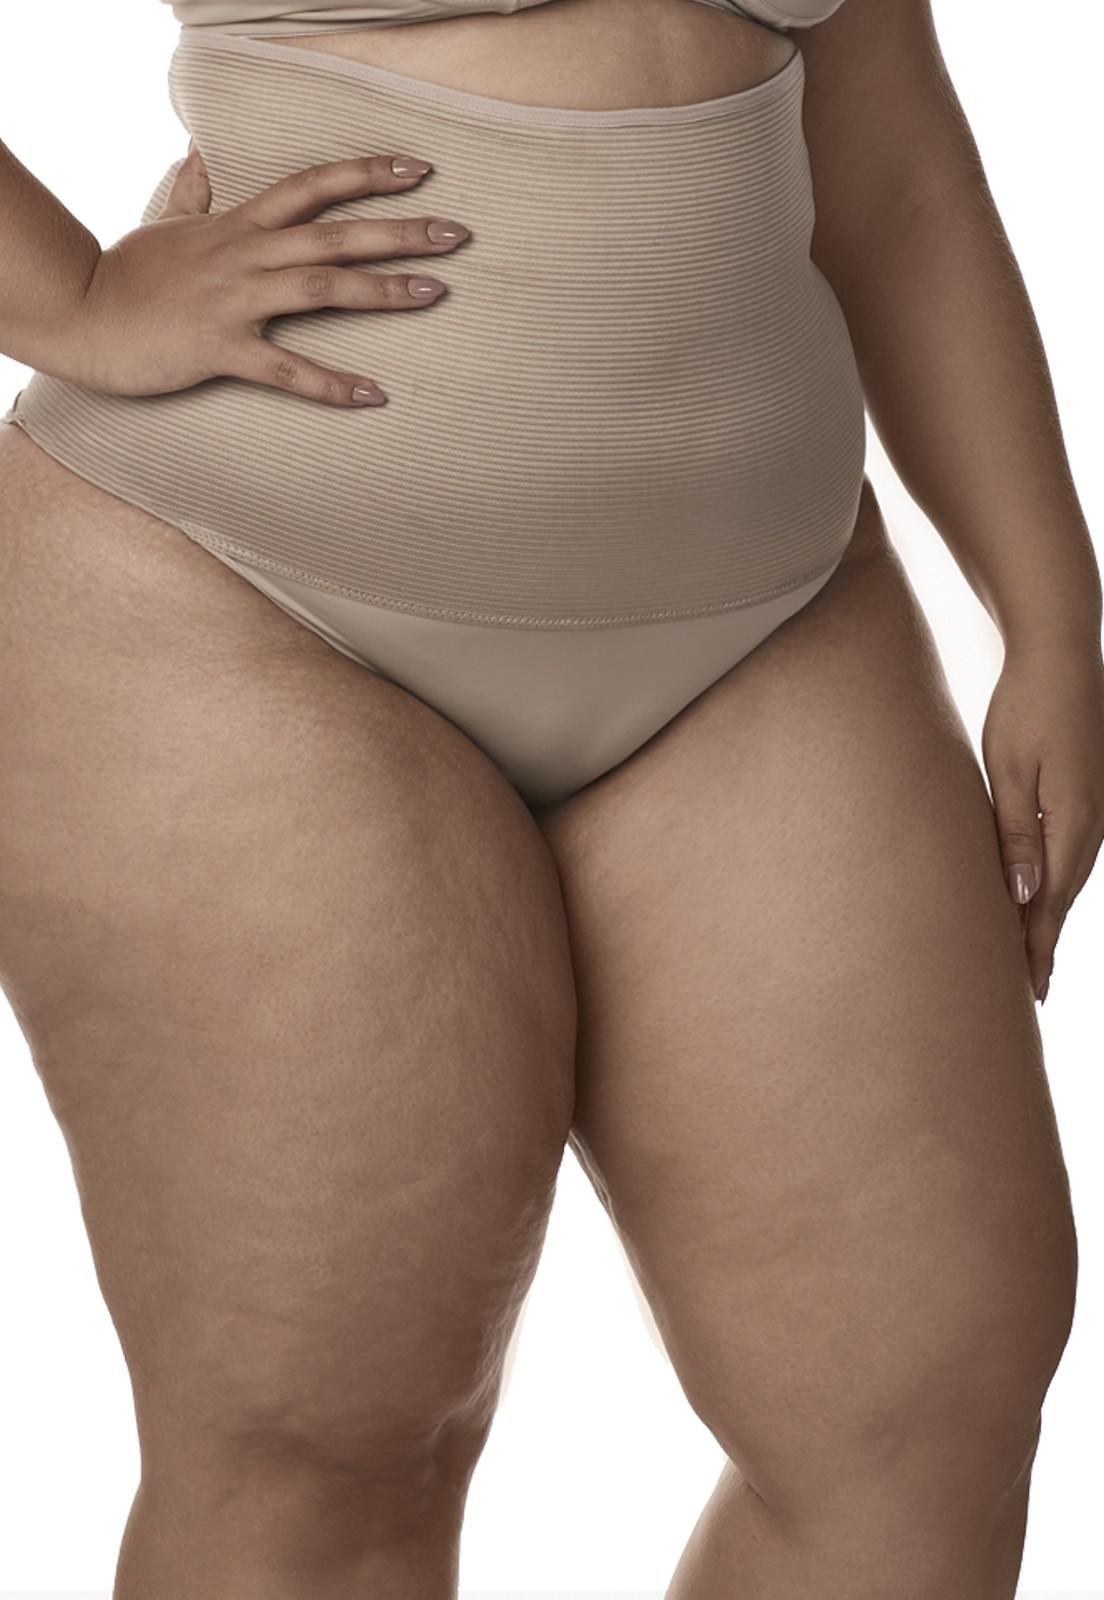 Calcinha Cinta Modeladora Dukley Lingerie - Plus Size